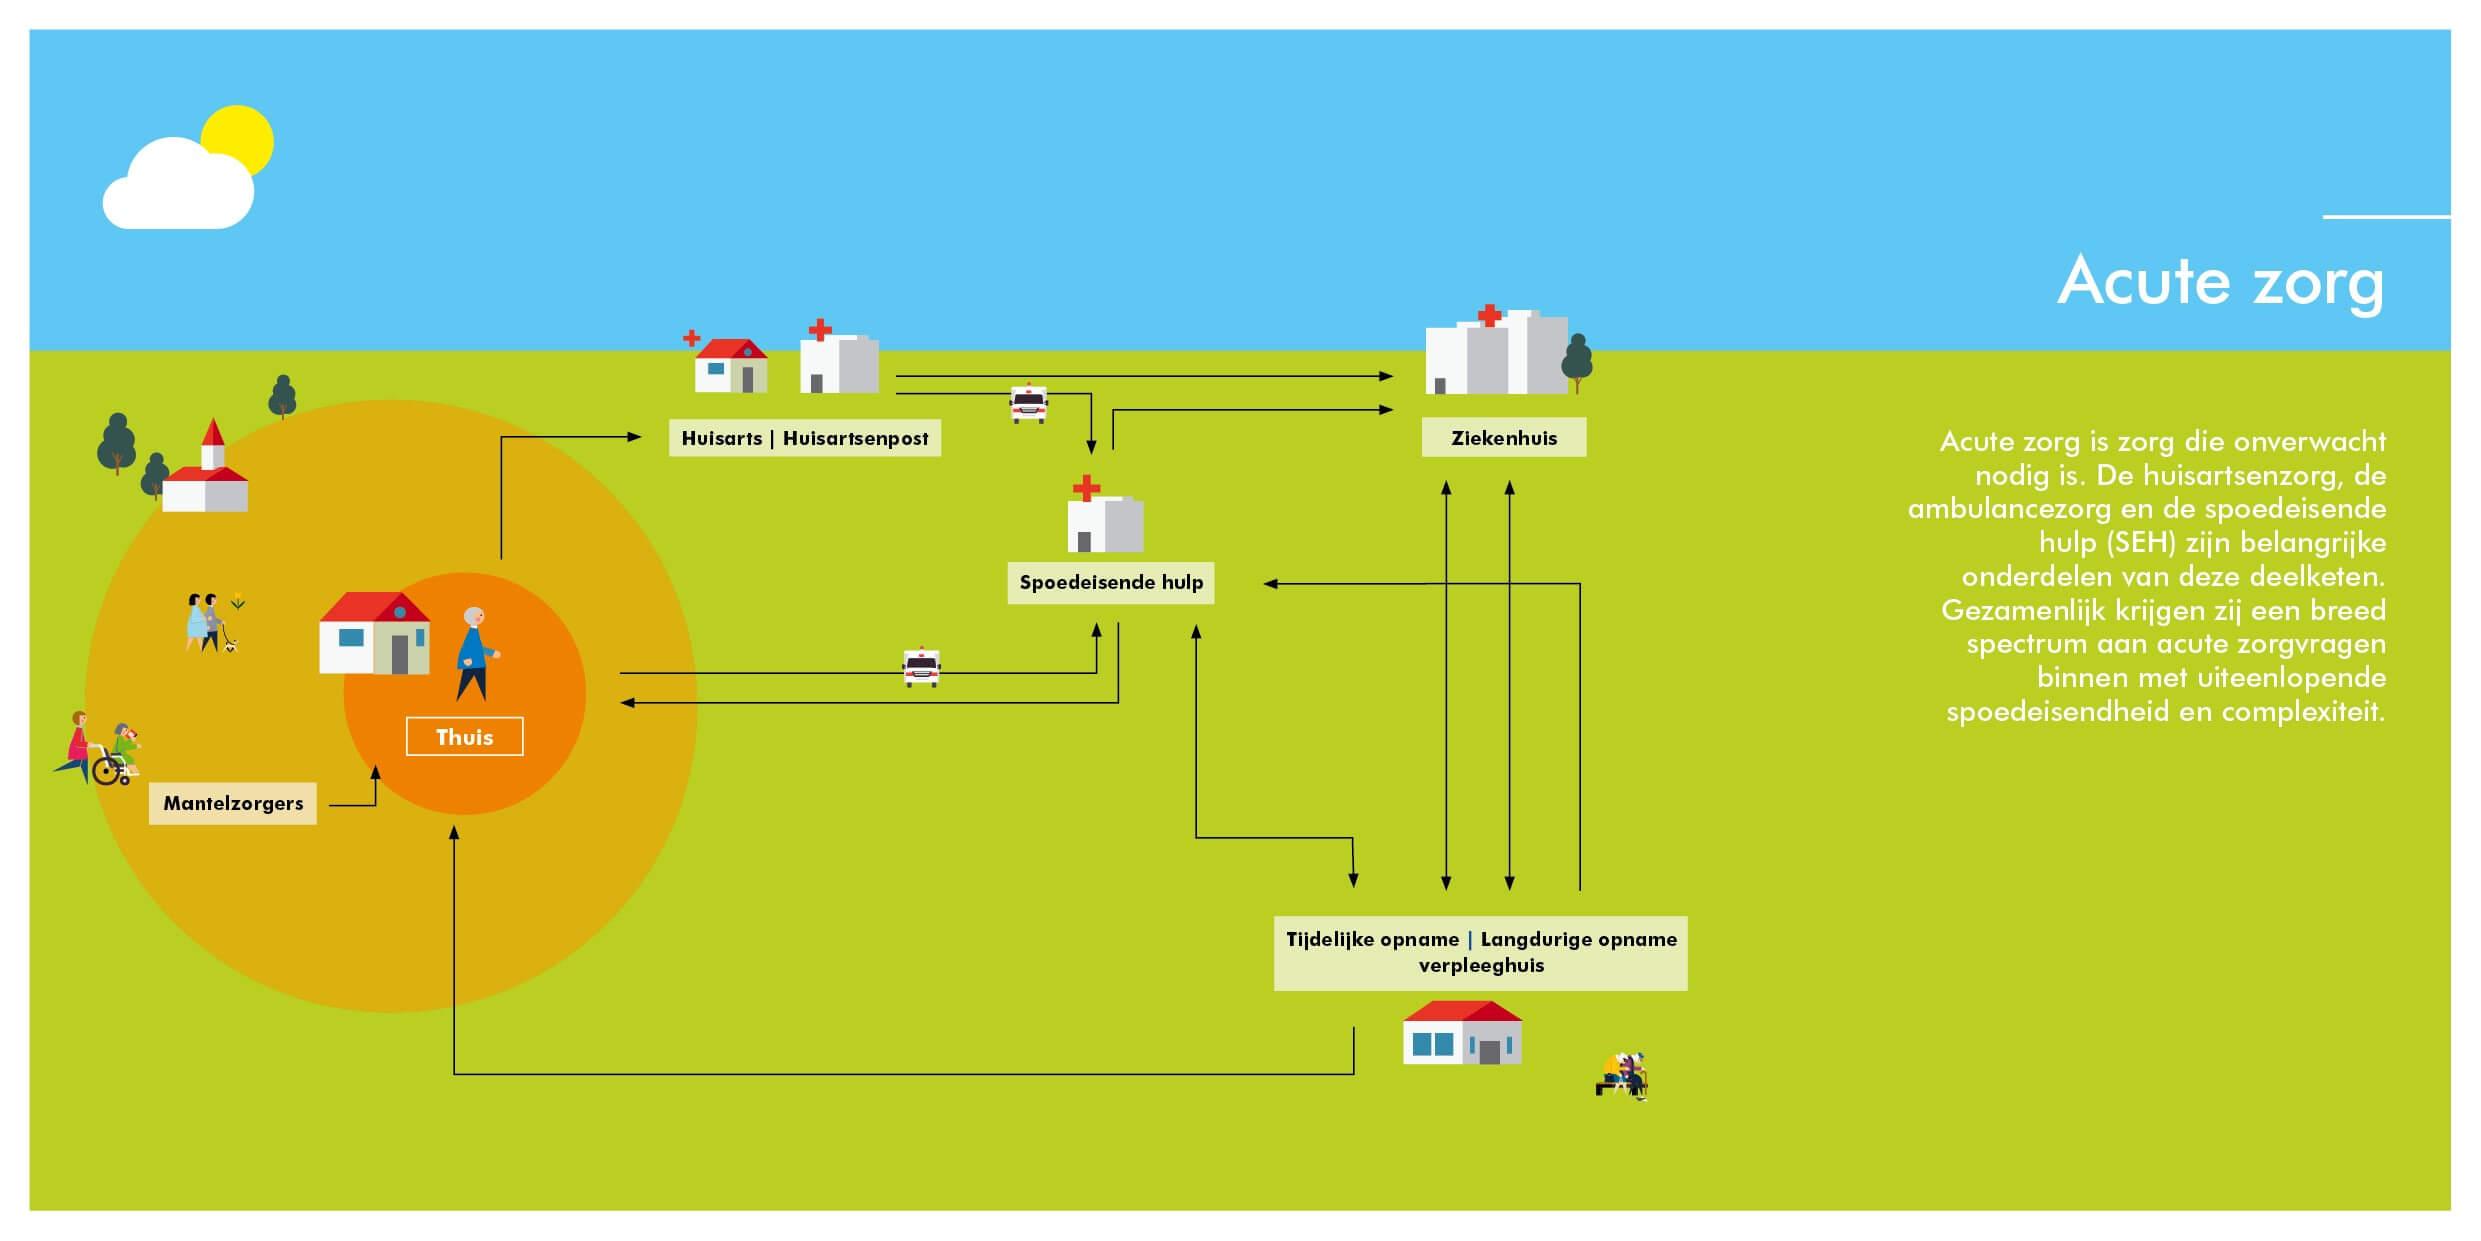 Infographic deelketen Acute zorg